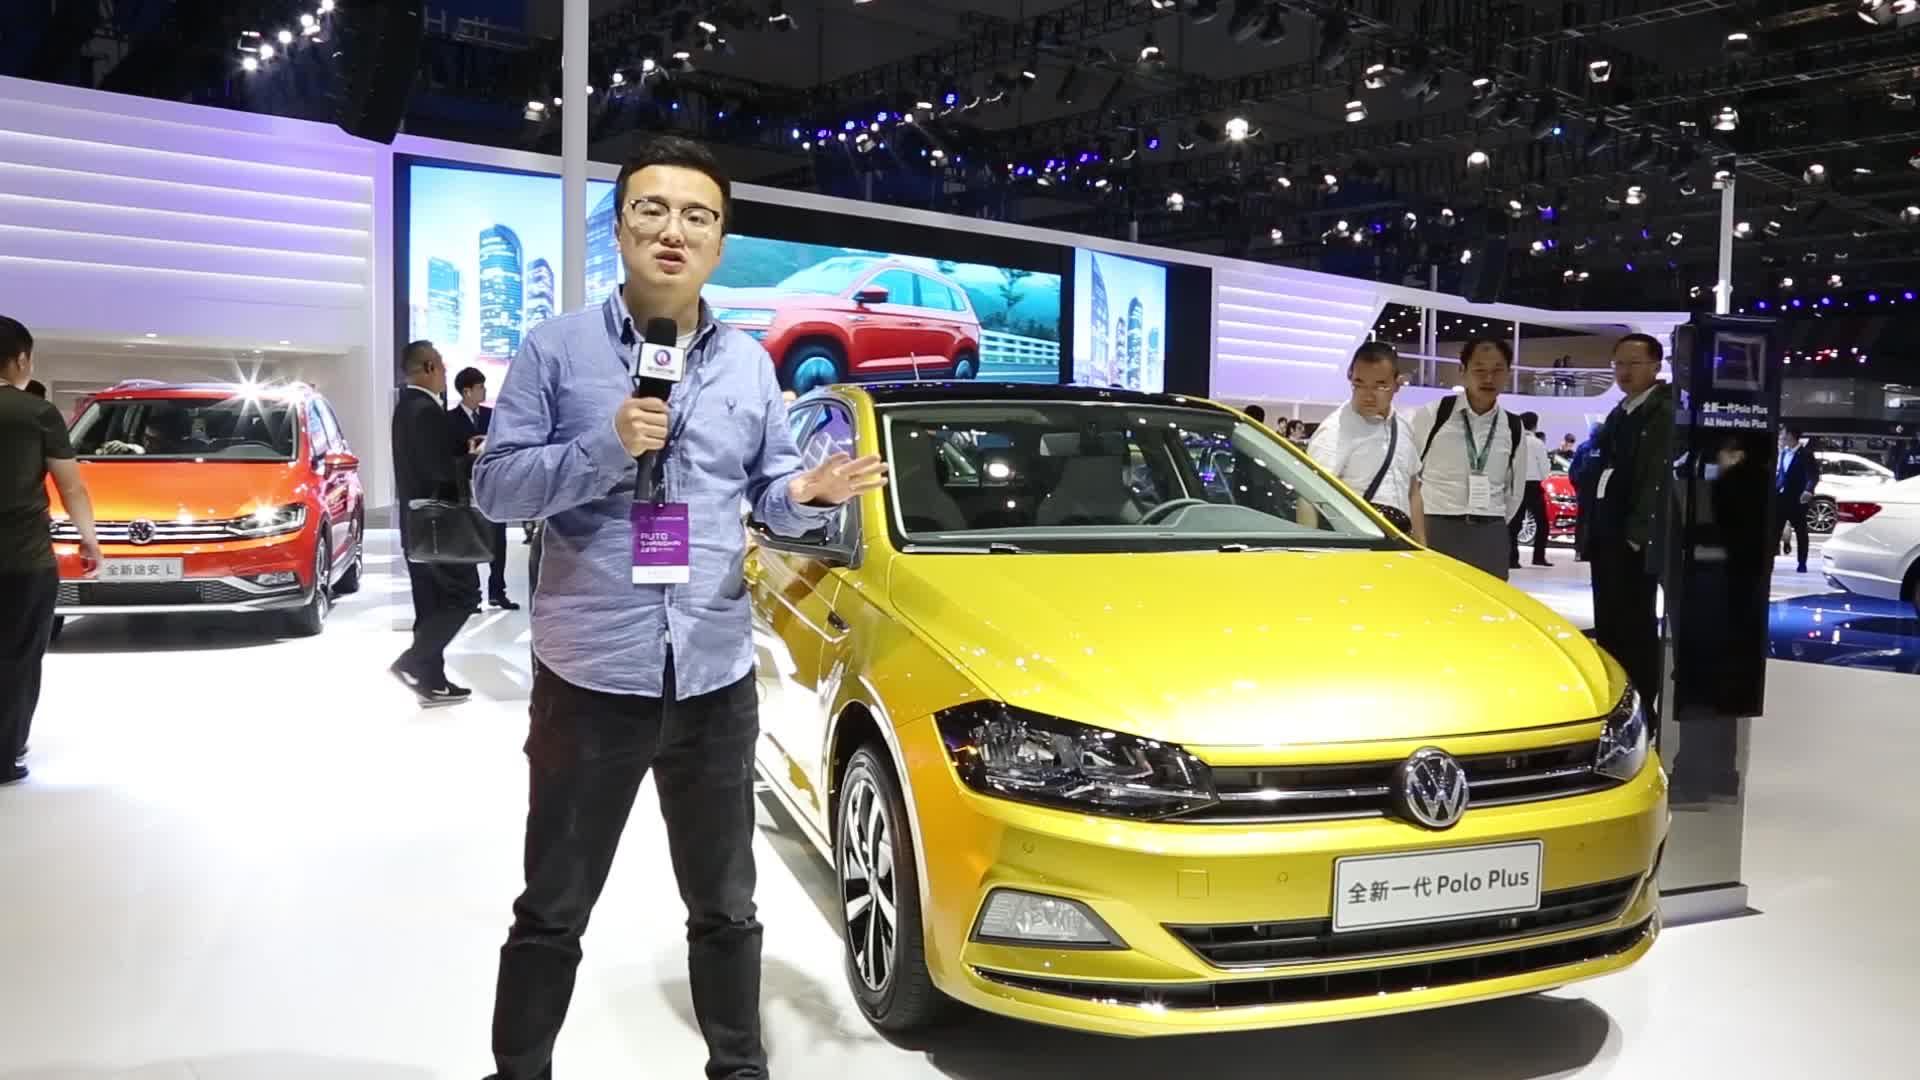 上海车展体验新一代Polo Plus  稚嫩少年变俊朗青年